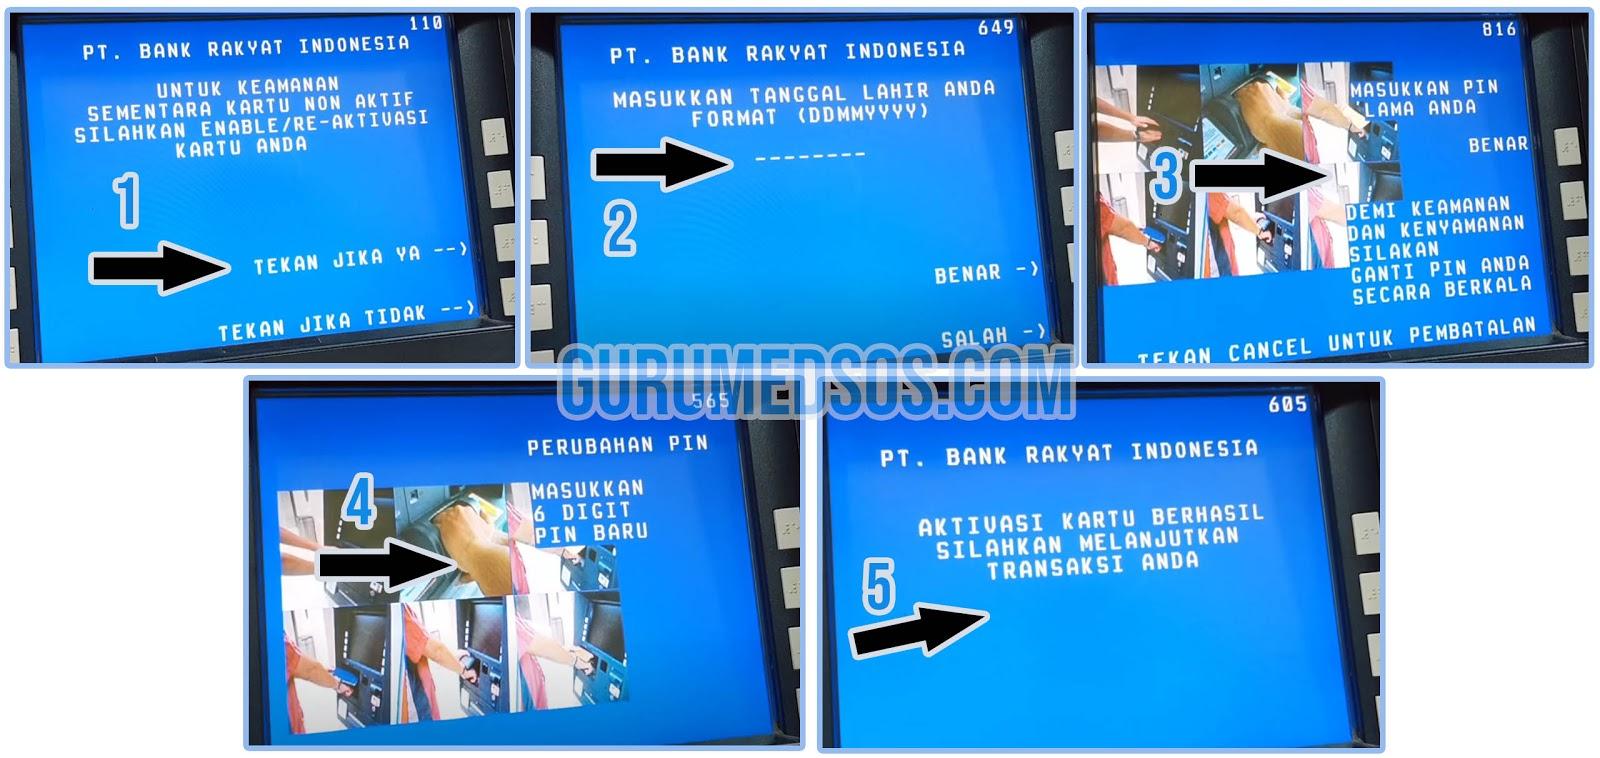 Cara Mengaktifkan Kartu ATM BRI yang Non Aktif/Disable